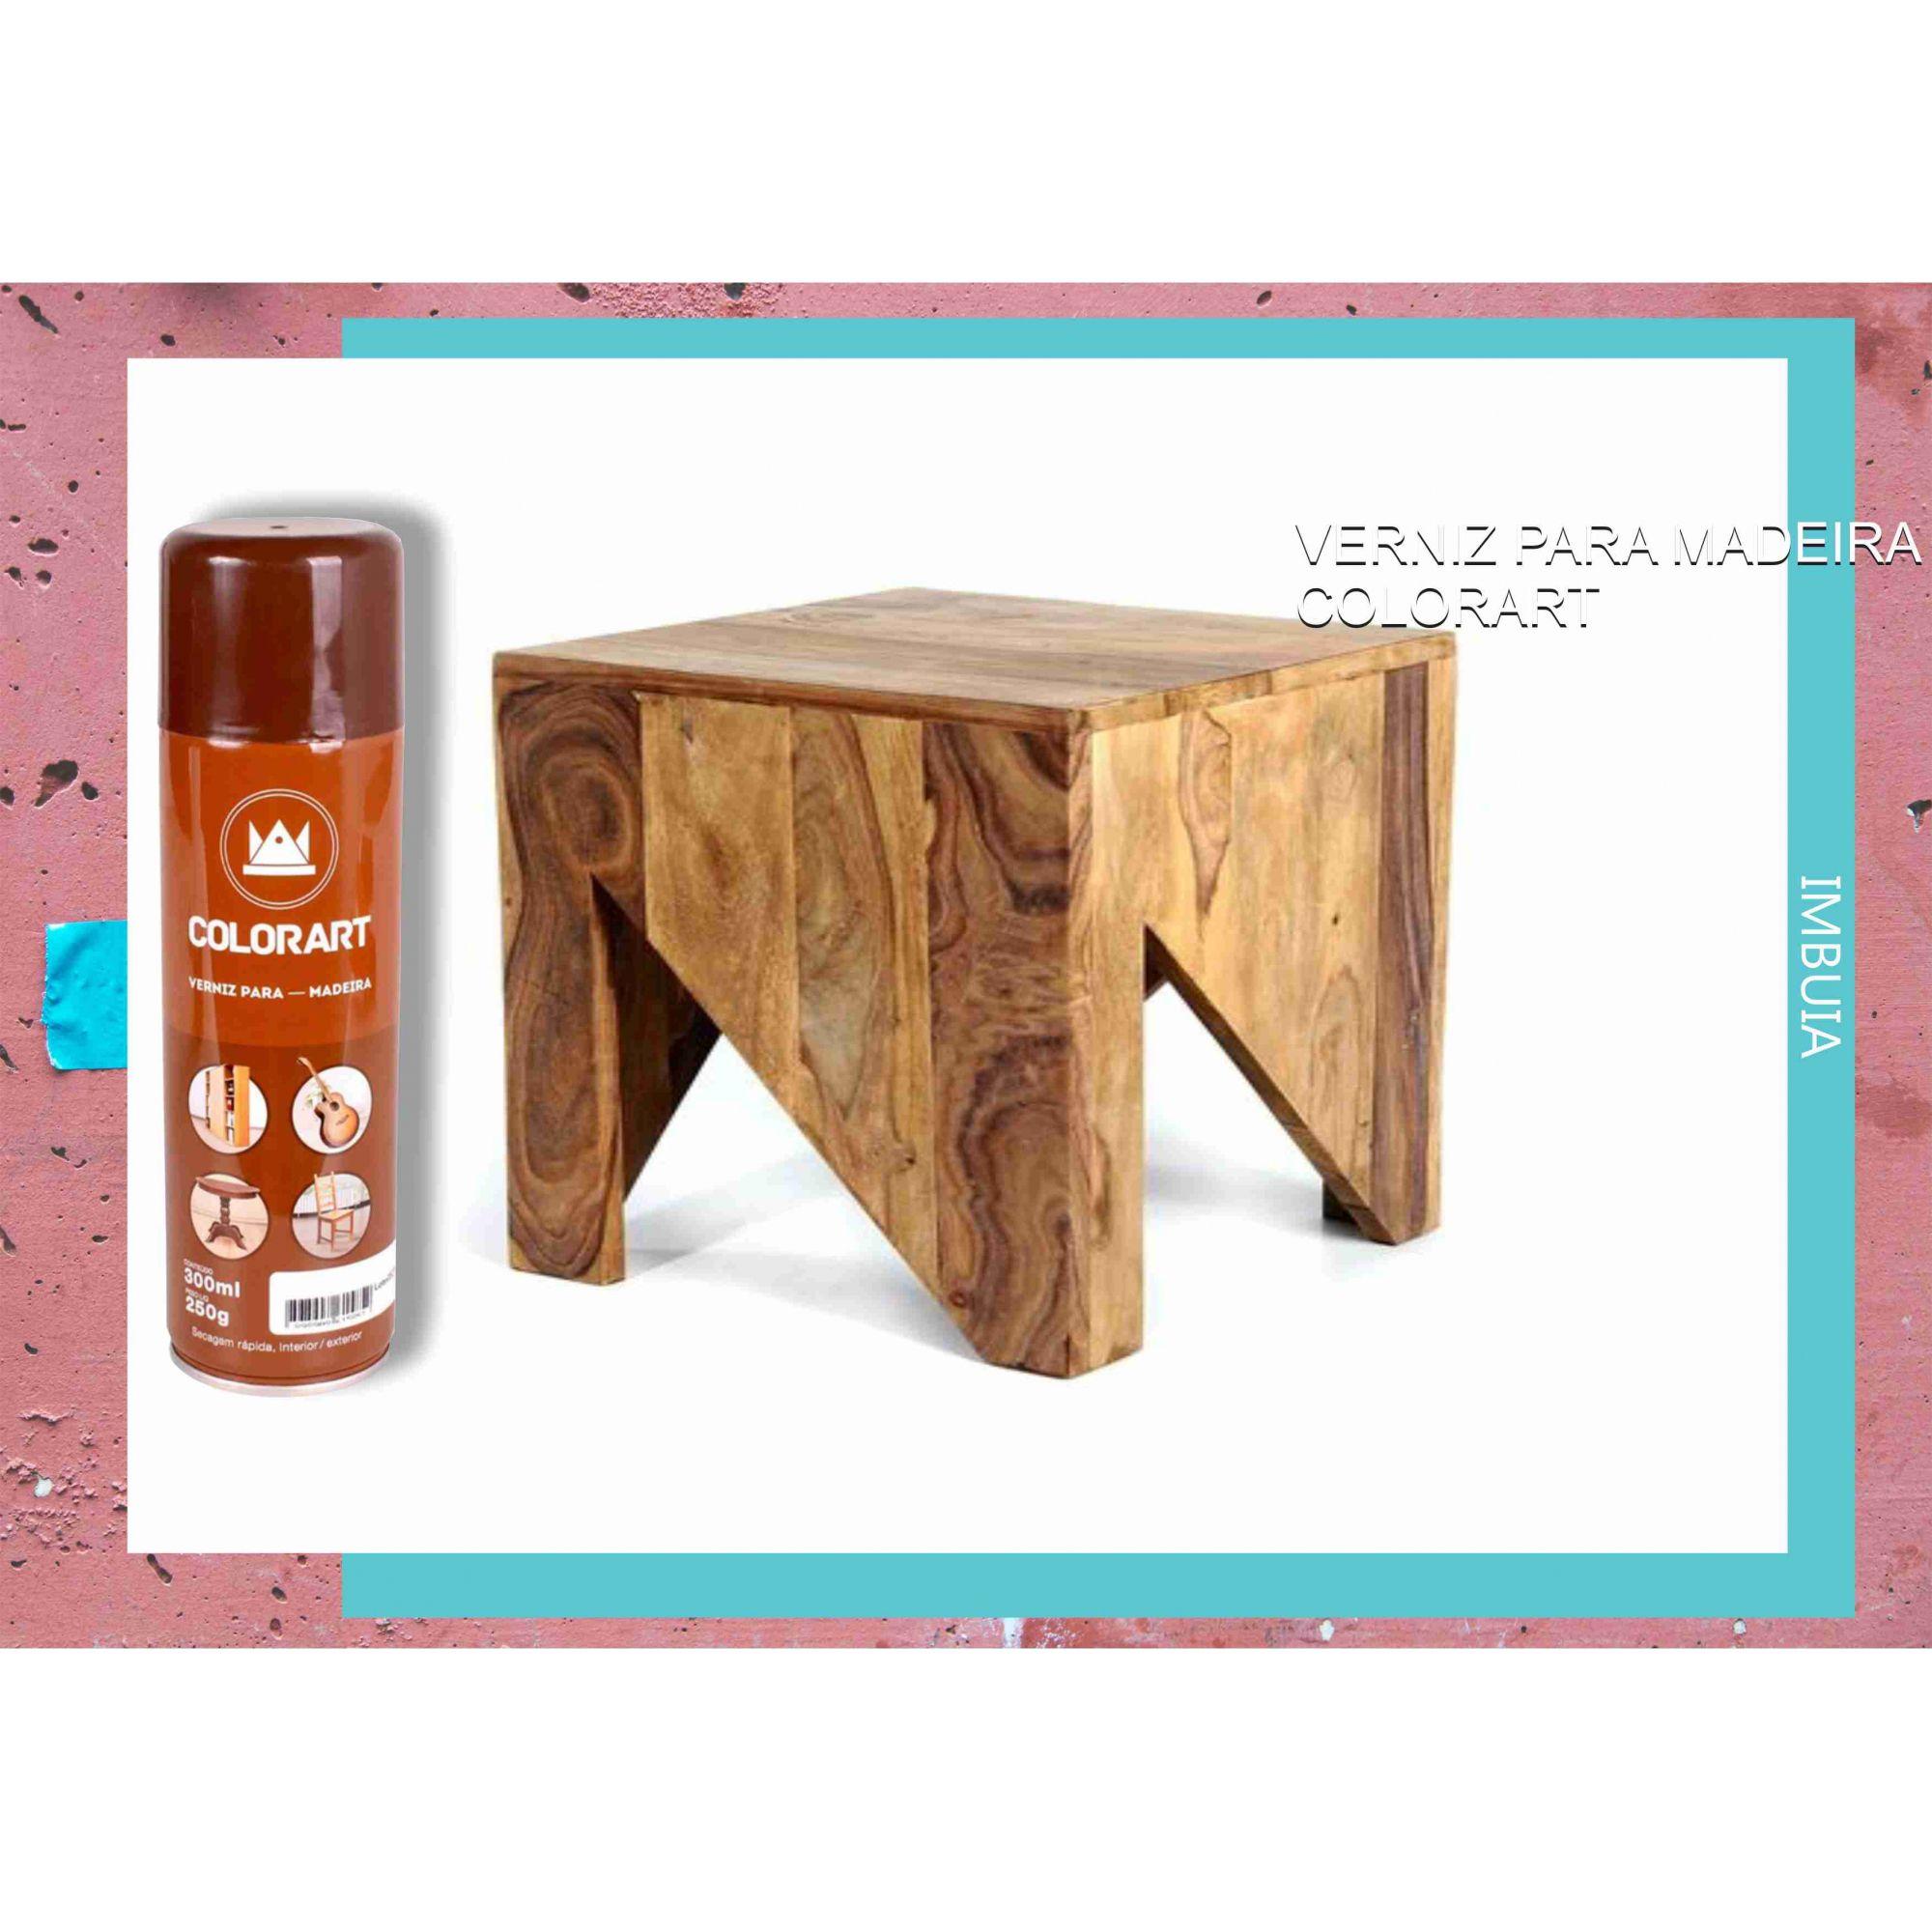 Verniz em Spray Para Madeira Colorart Imbuia  - Rea Comércio - Sua Loja Completa!